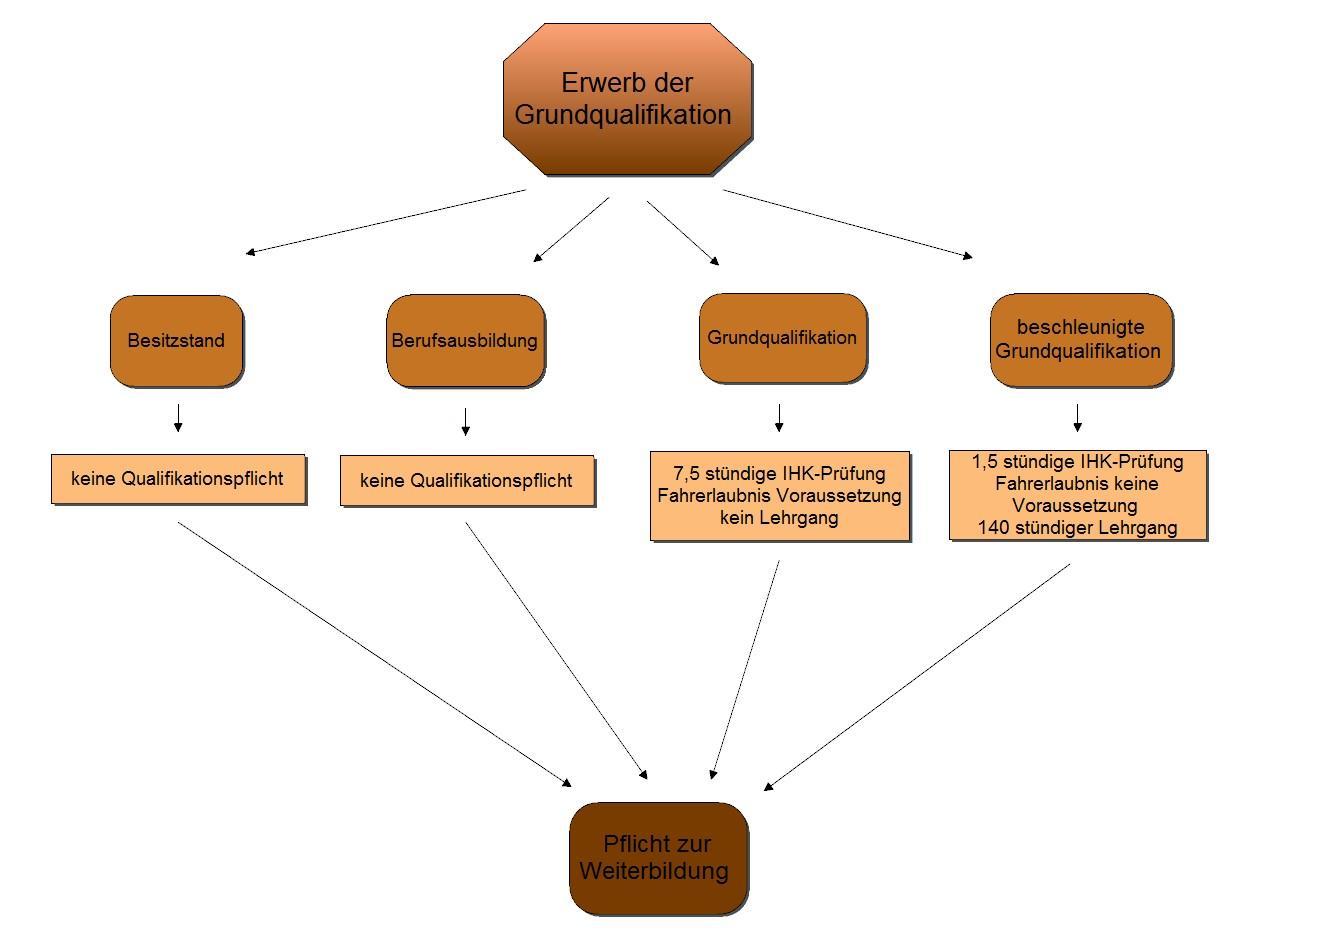 Sie sehen eine grapfhische Darstellung zum Thema Erwerb der Grundqualifikation